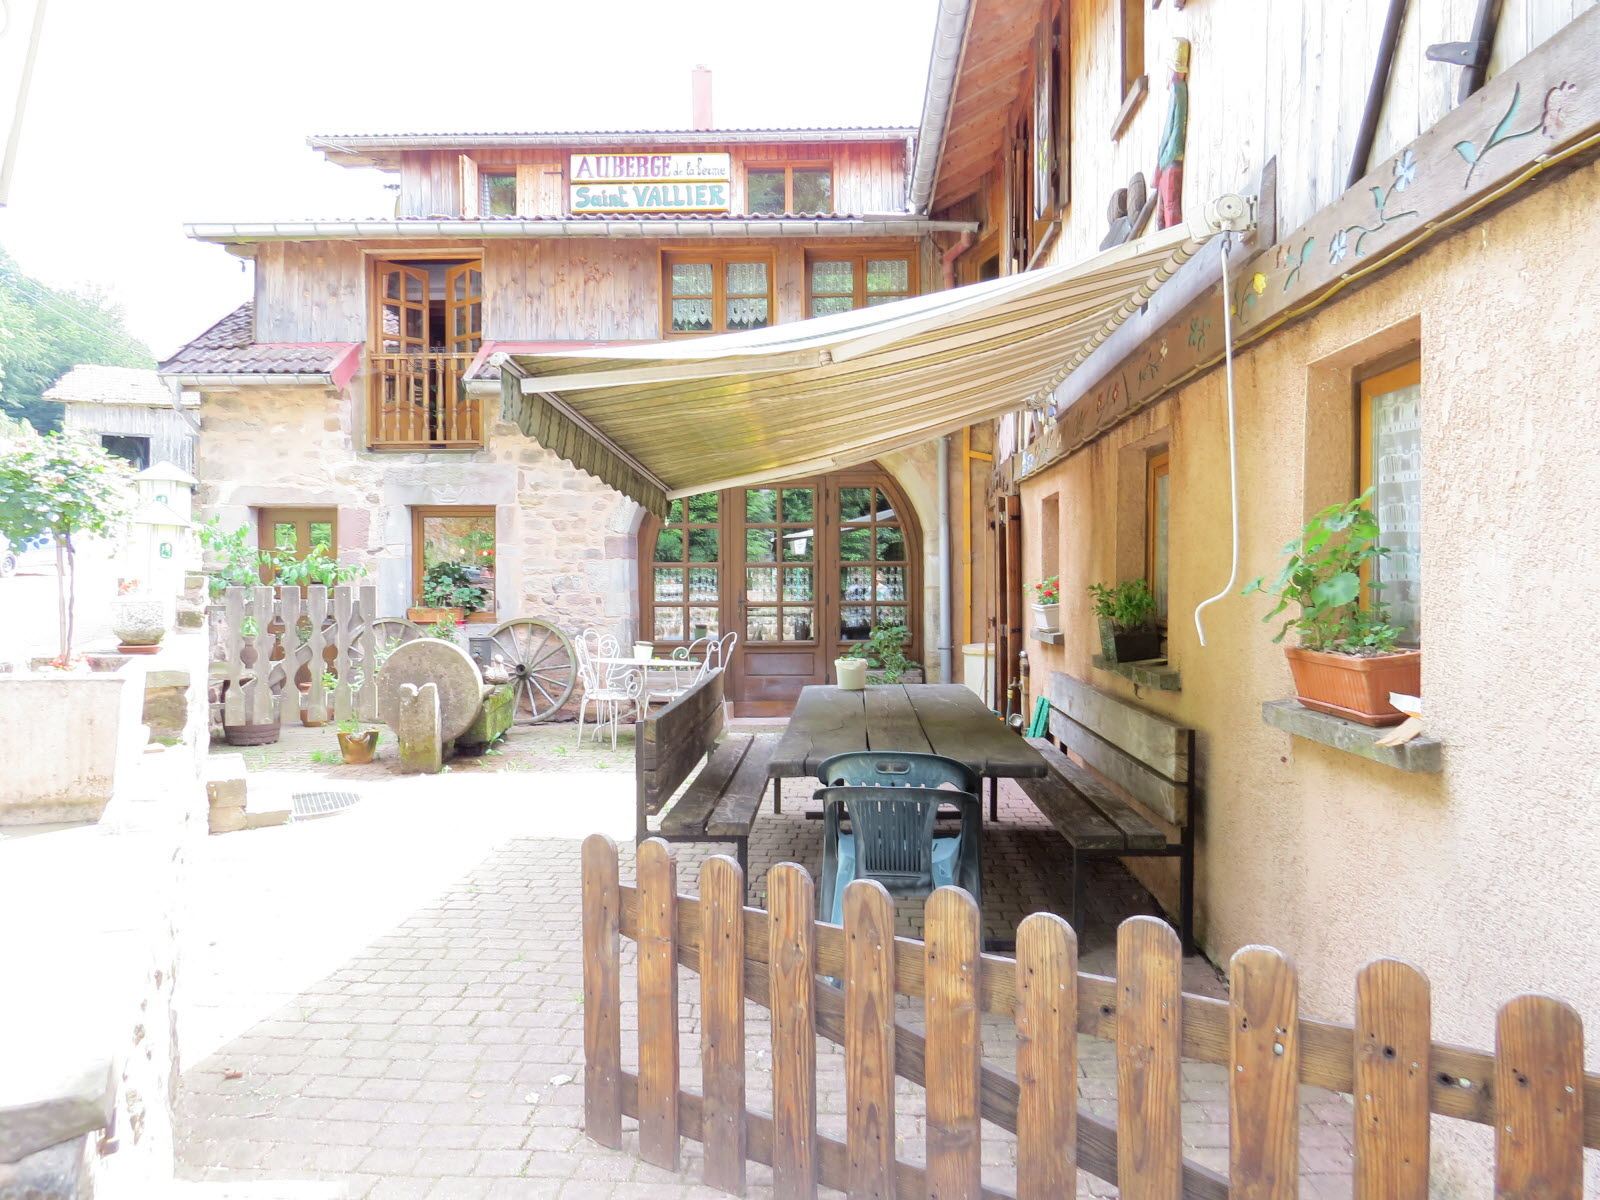 la-ferme-saint-vallier-du-girmont-val-d-ajol-en-images-1470862123_21